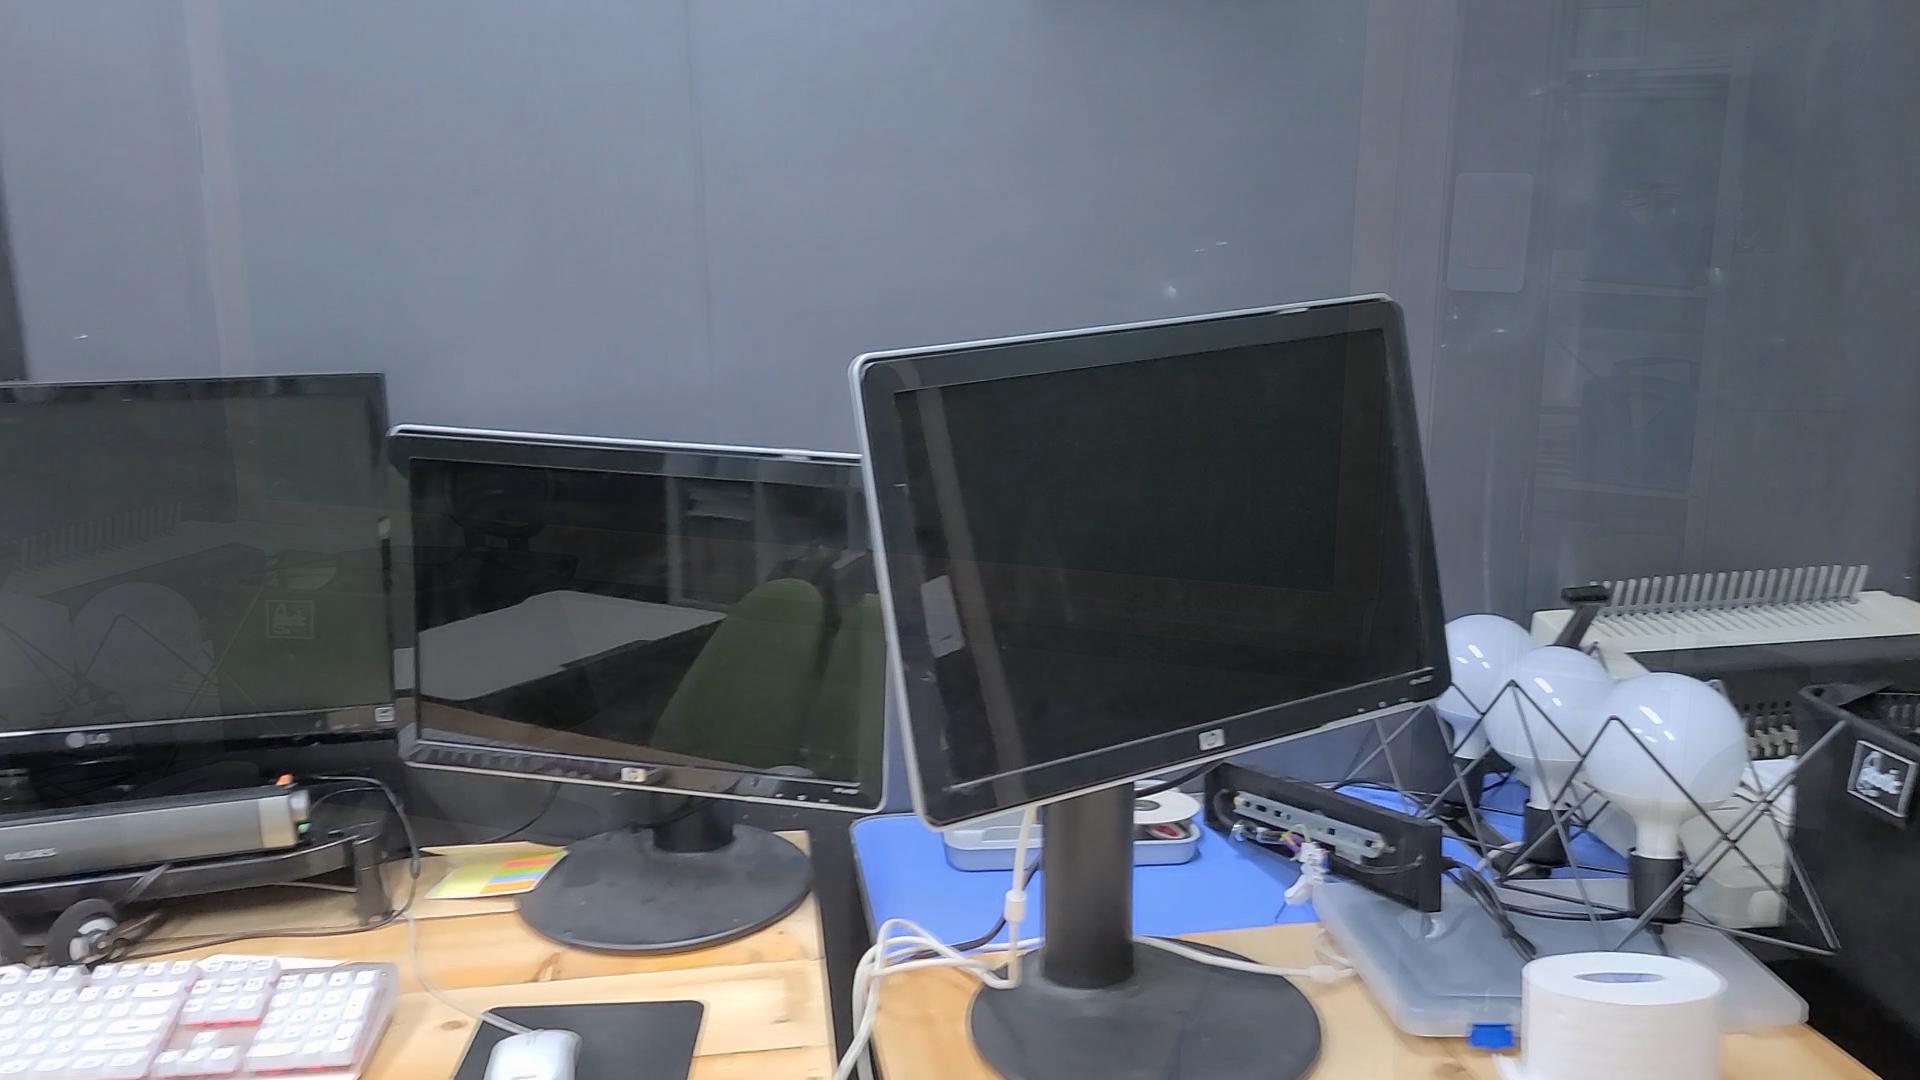 에스플러스학원 Splus Academy 비대면 온라인 완전탈바꿈.00_02_44_25.스틸 081제8강의실보조컴퓨터.jpg